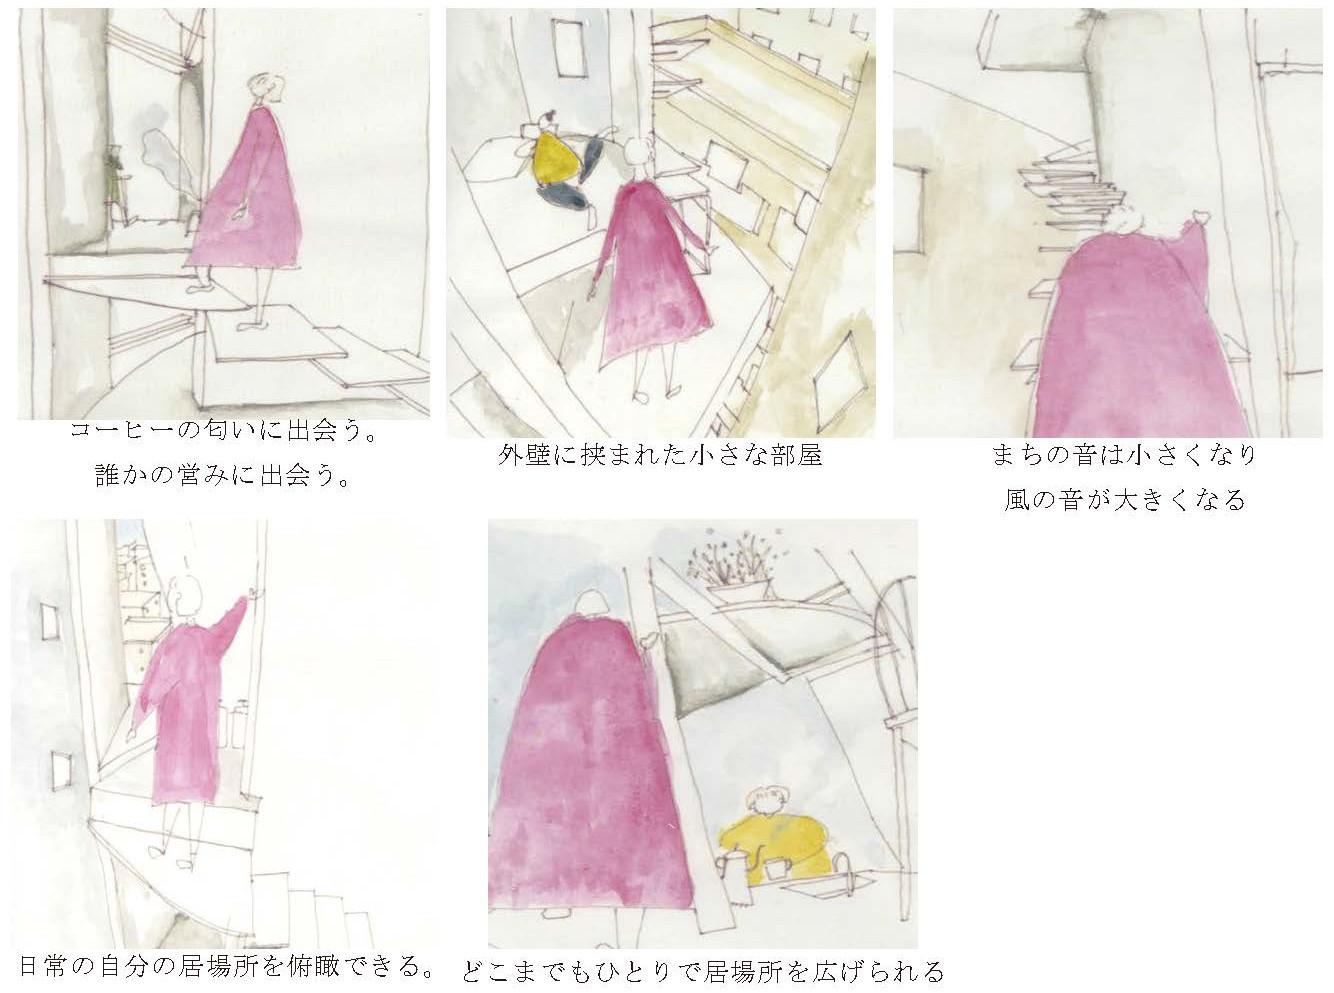 建築展WEB_ページ_24.jpg